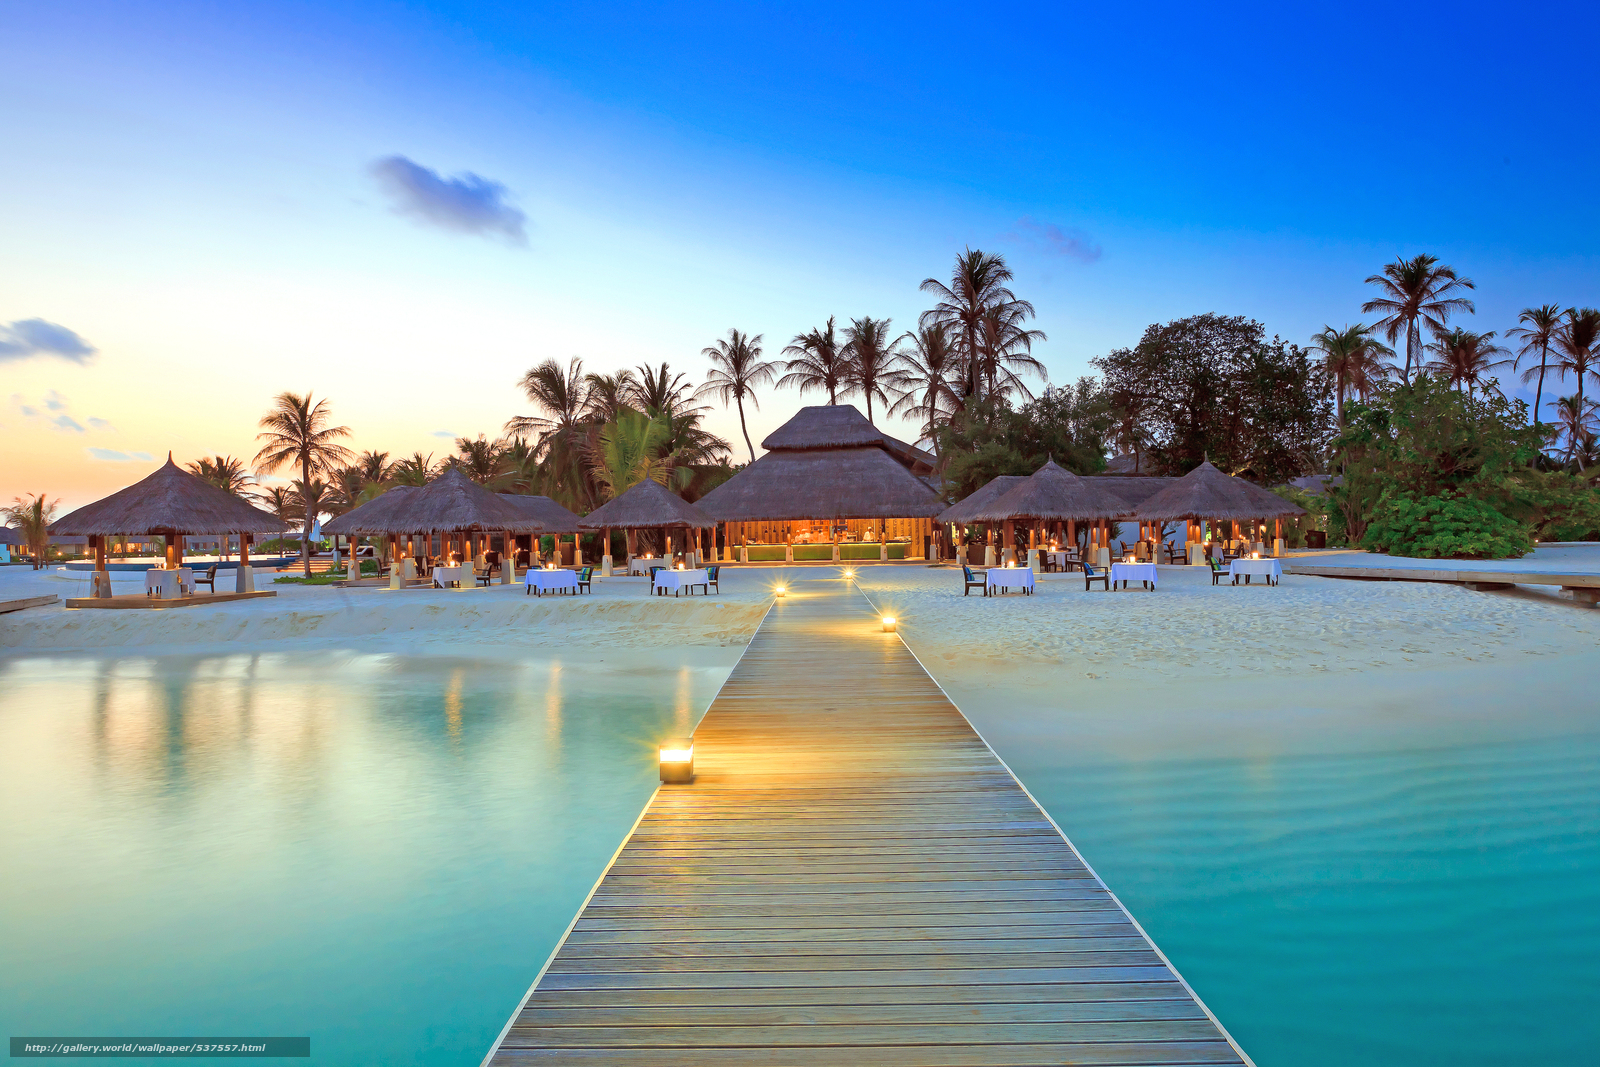 下载壁纸 马尔代夫, 热带, 海滩 免费为您的桌面分辨率的壁纸 5616x37